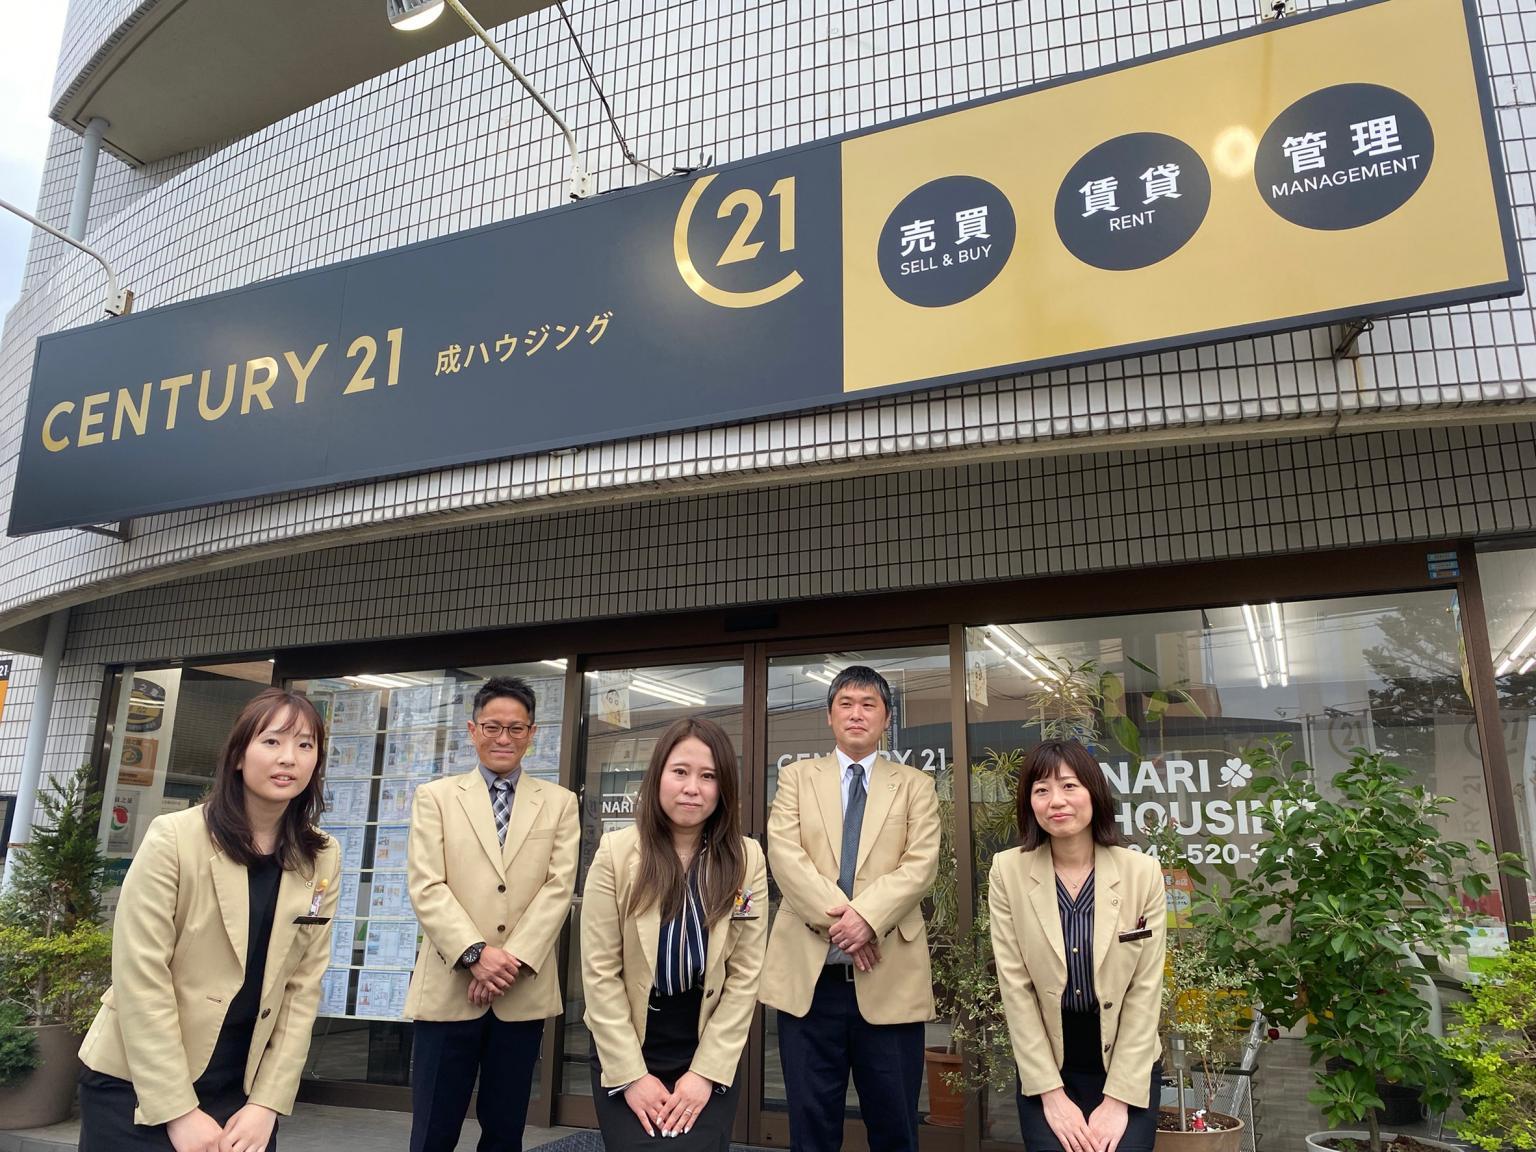 センチュリー21株式会社成ハウジング